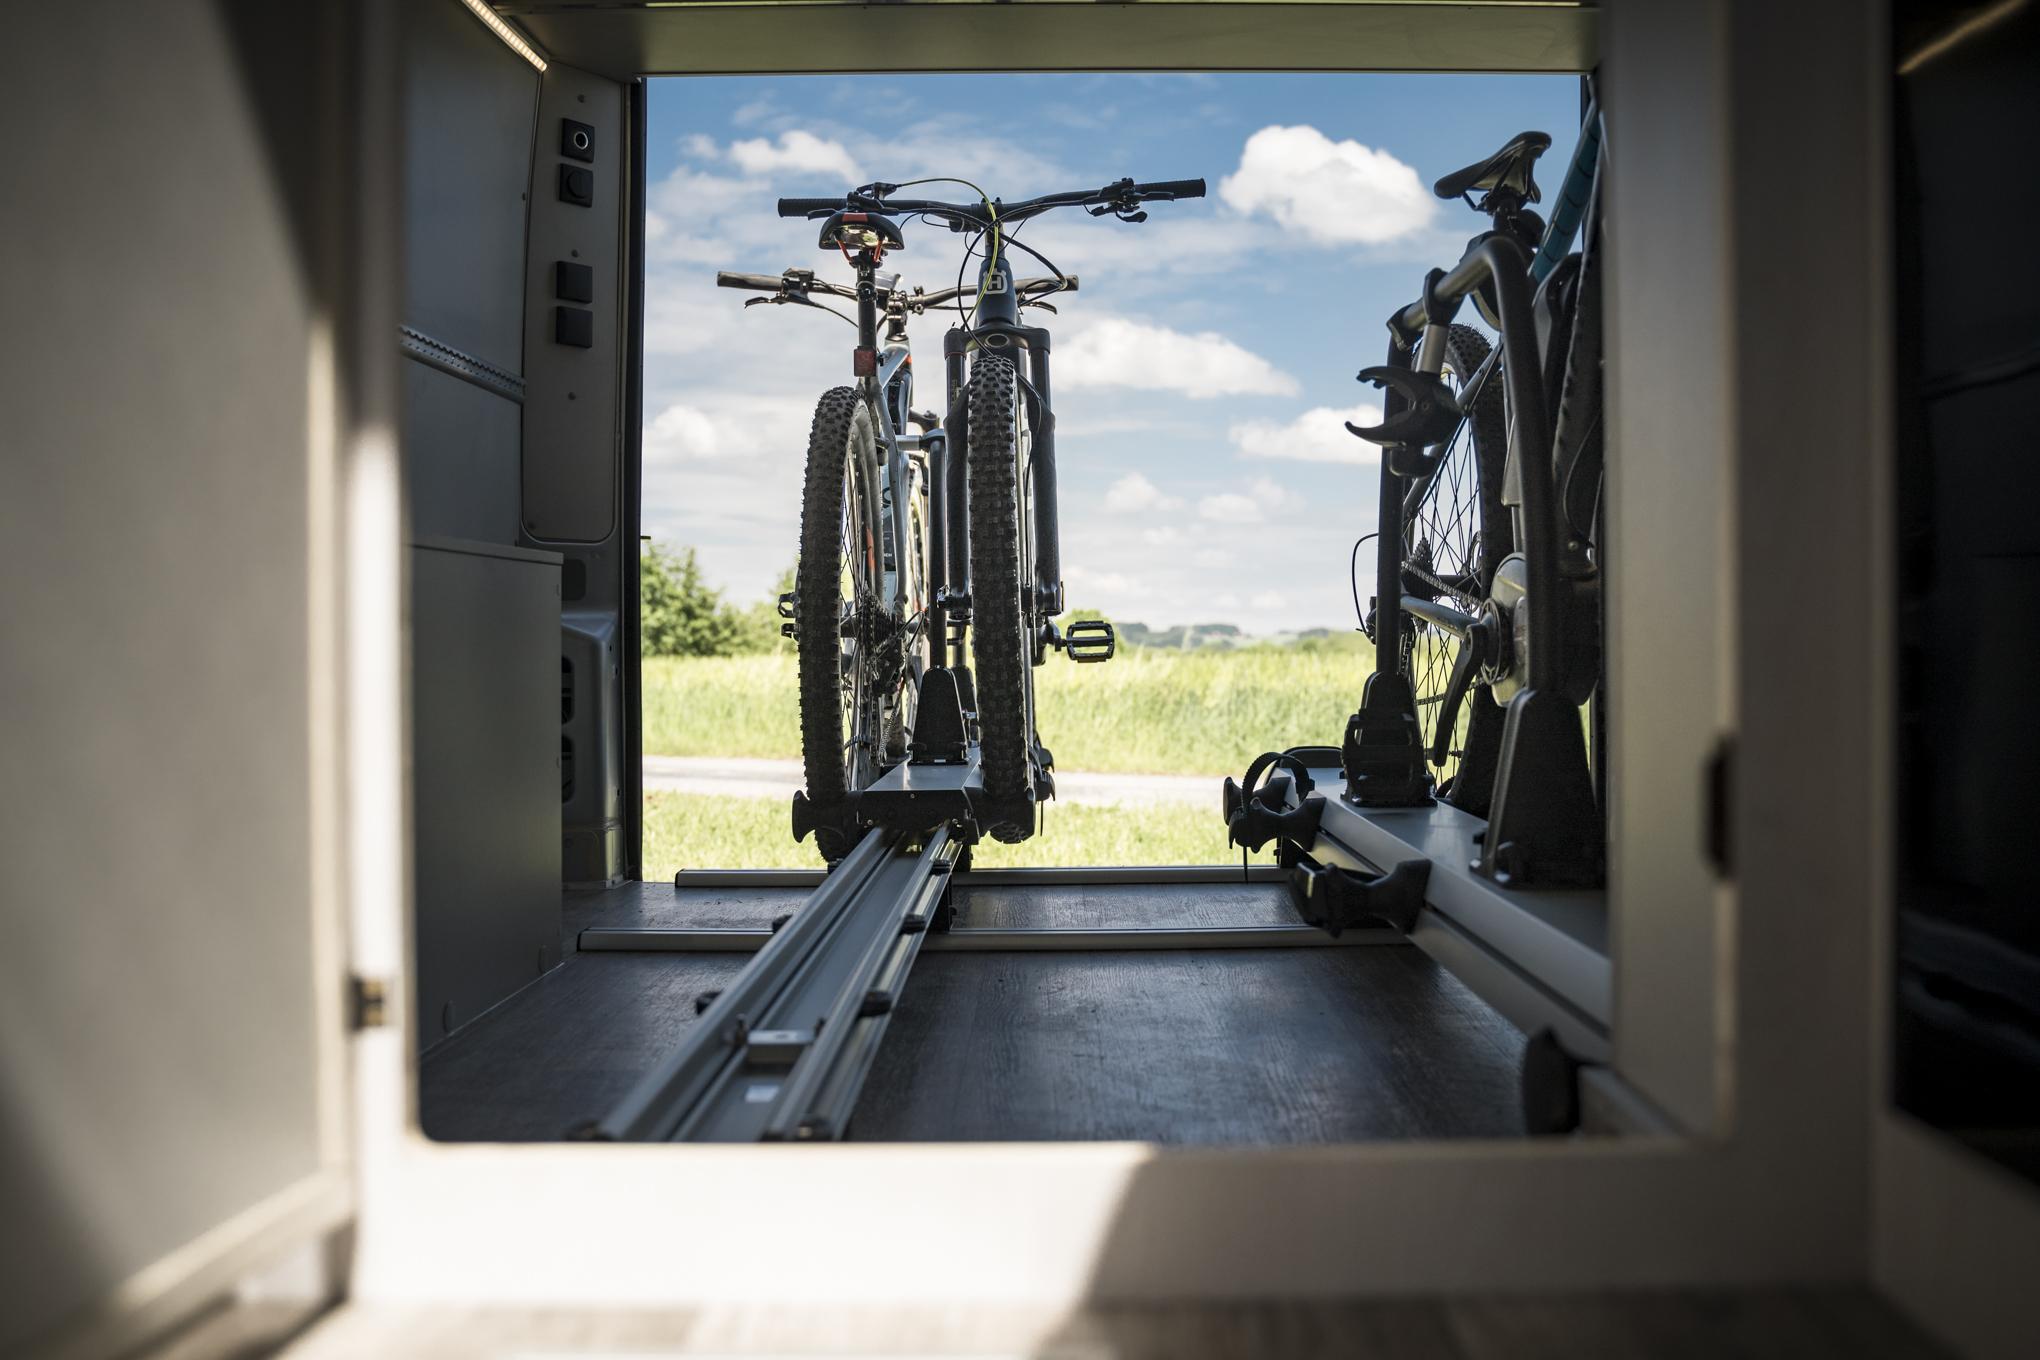 fahrradtraeger fahrradträger fahrradständer für camper wohnmobil kastenwagen slideout thule veloslide